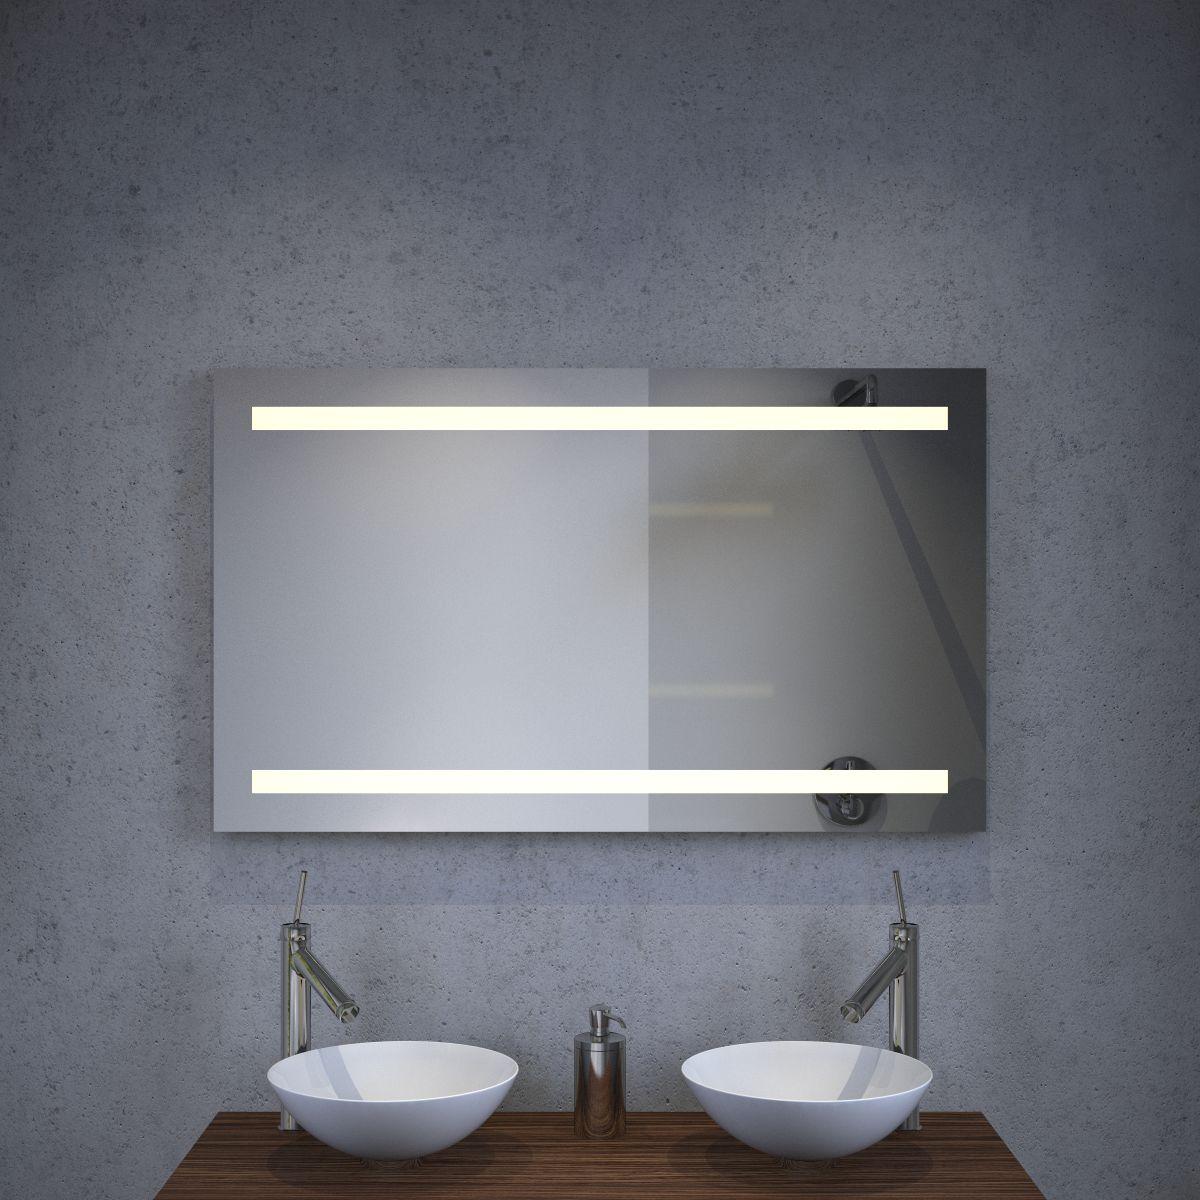 badkamerspiegel met led verlichting spiegelverwarming en sensor schakelaar 100 cm breed. Black Bedroom Furniture Sets. Home Design Ideas